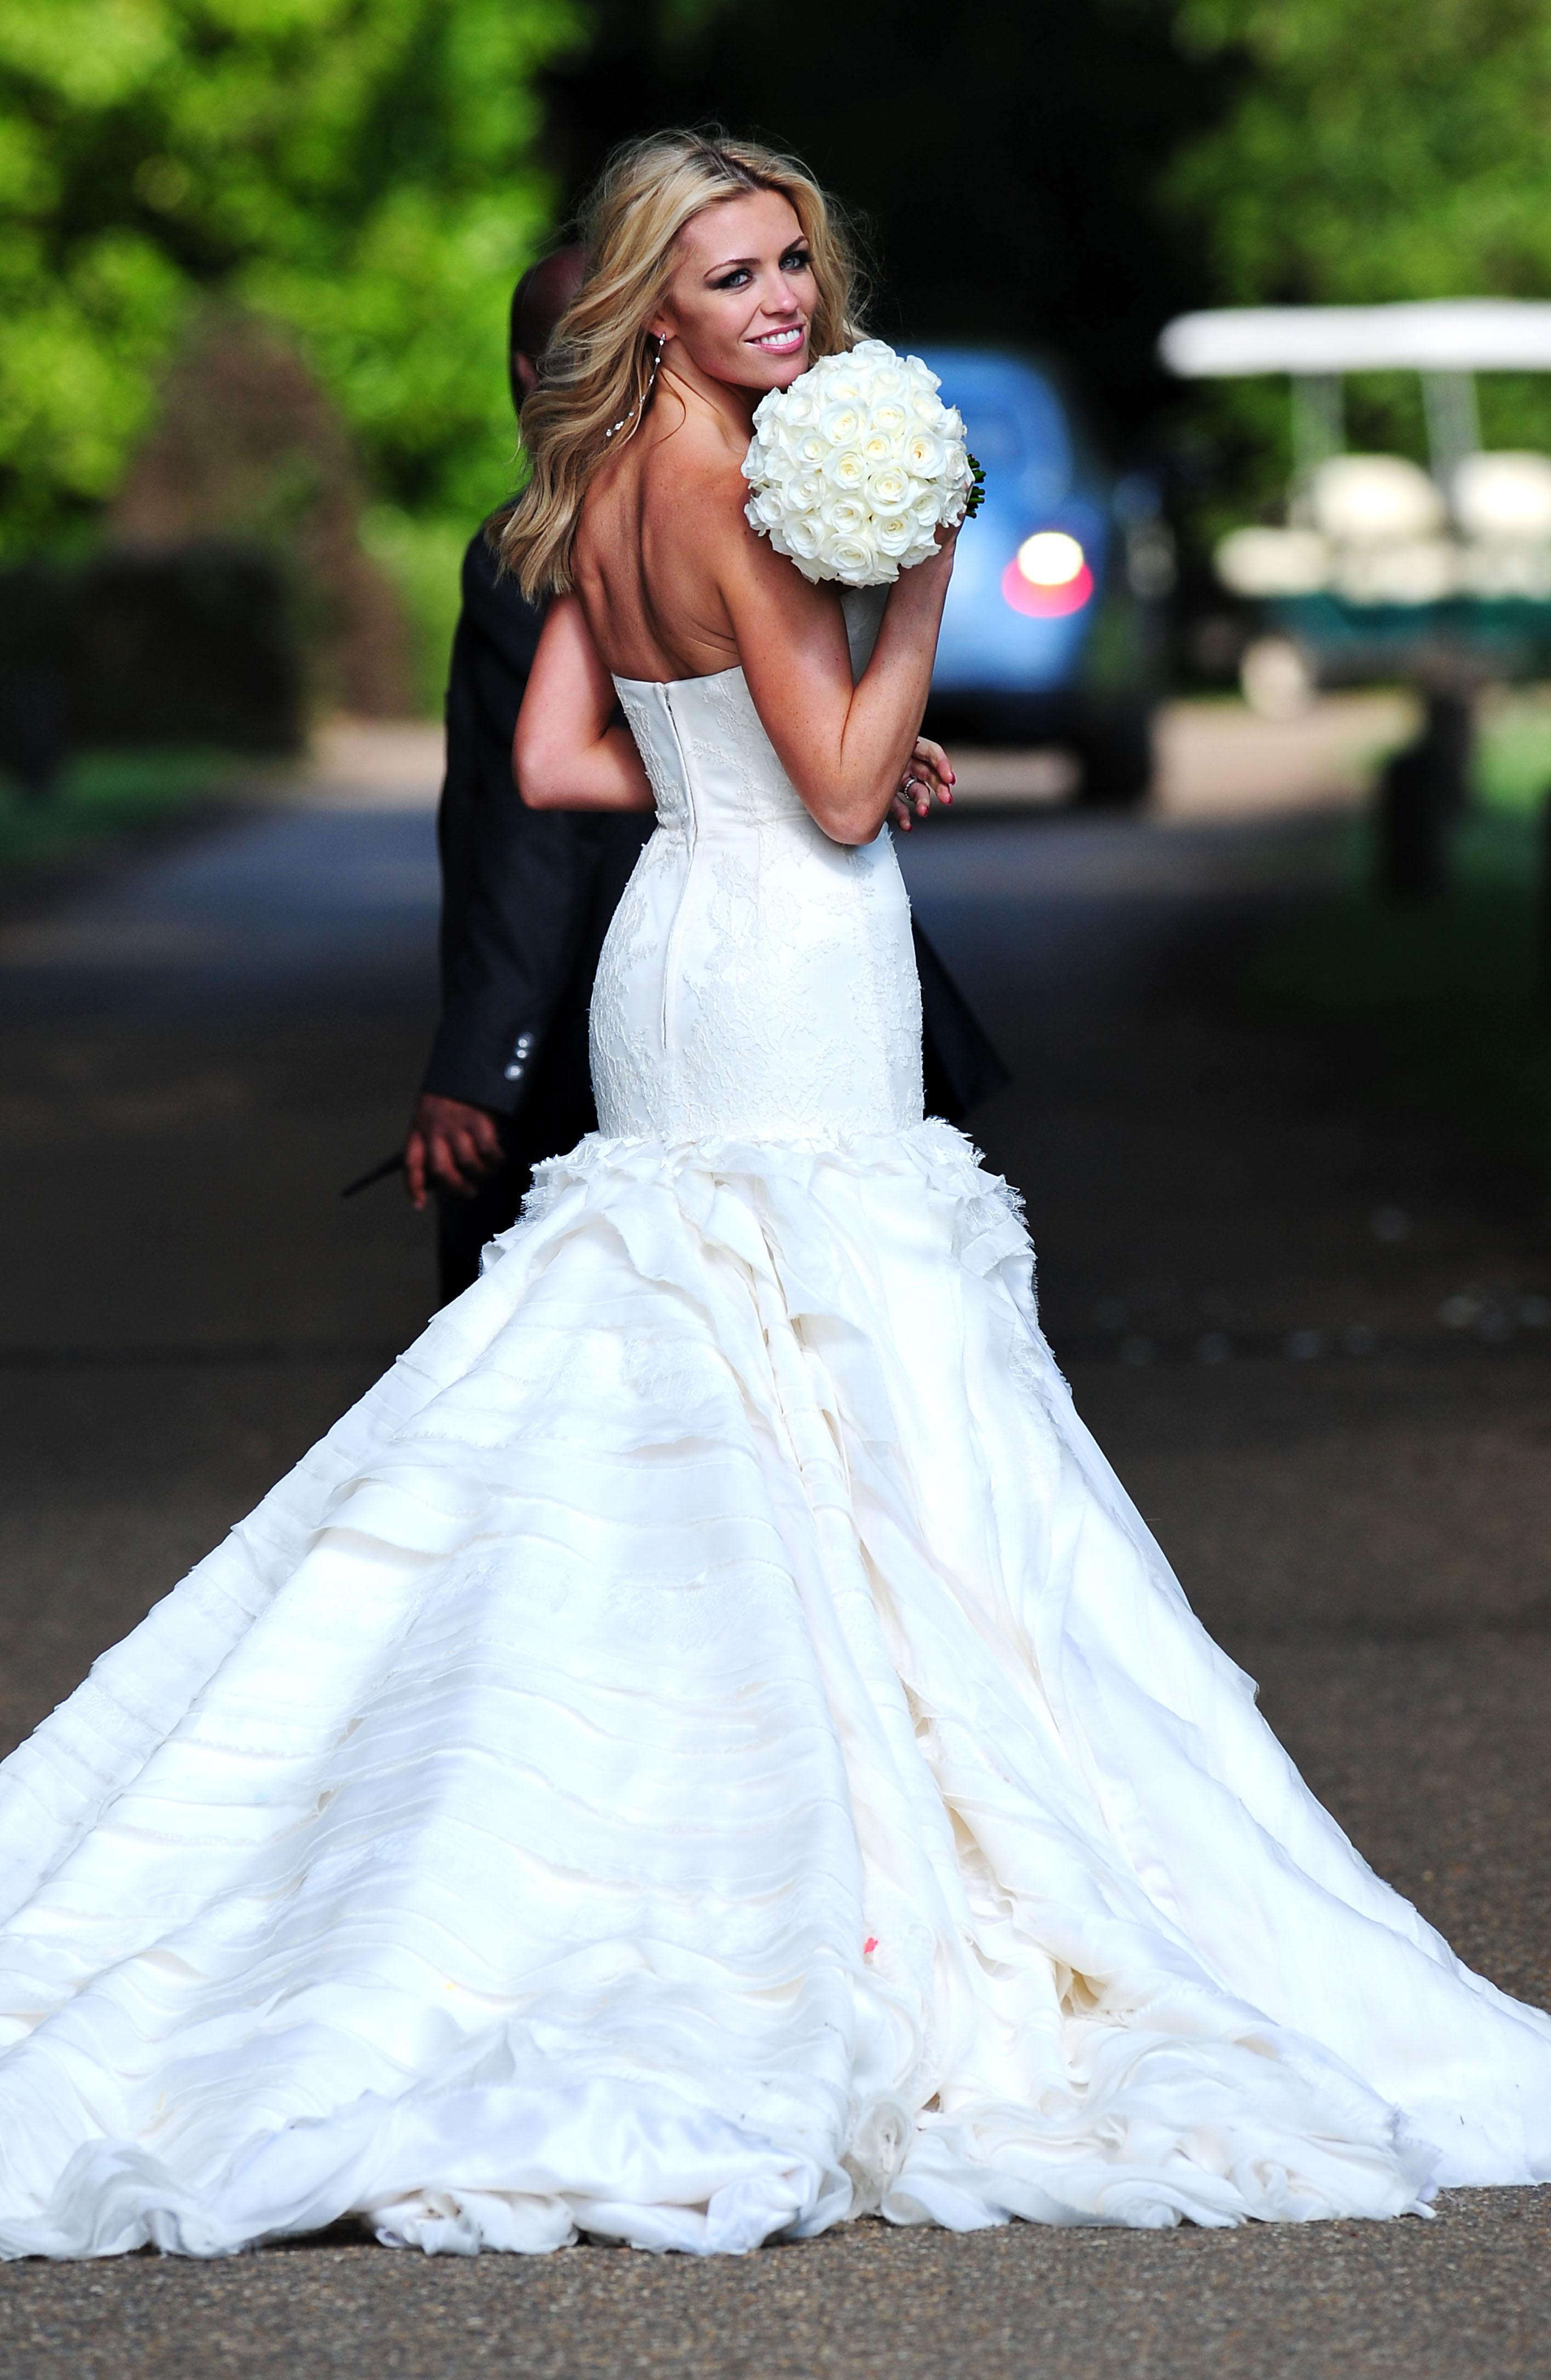 Самые красивые свадьбы платья фото